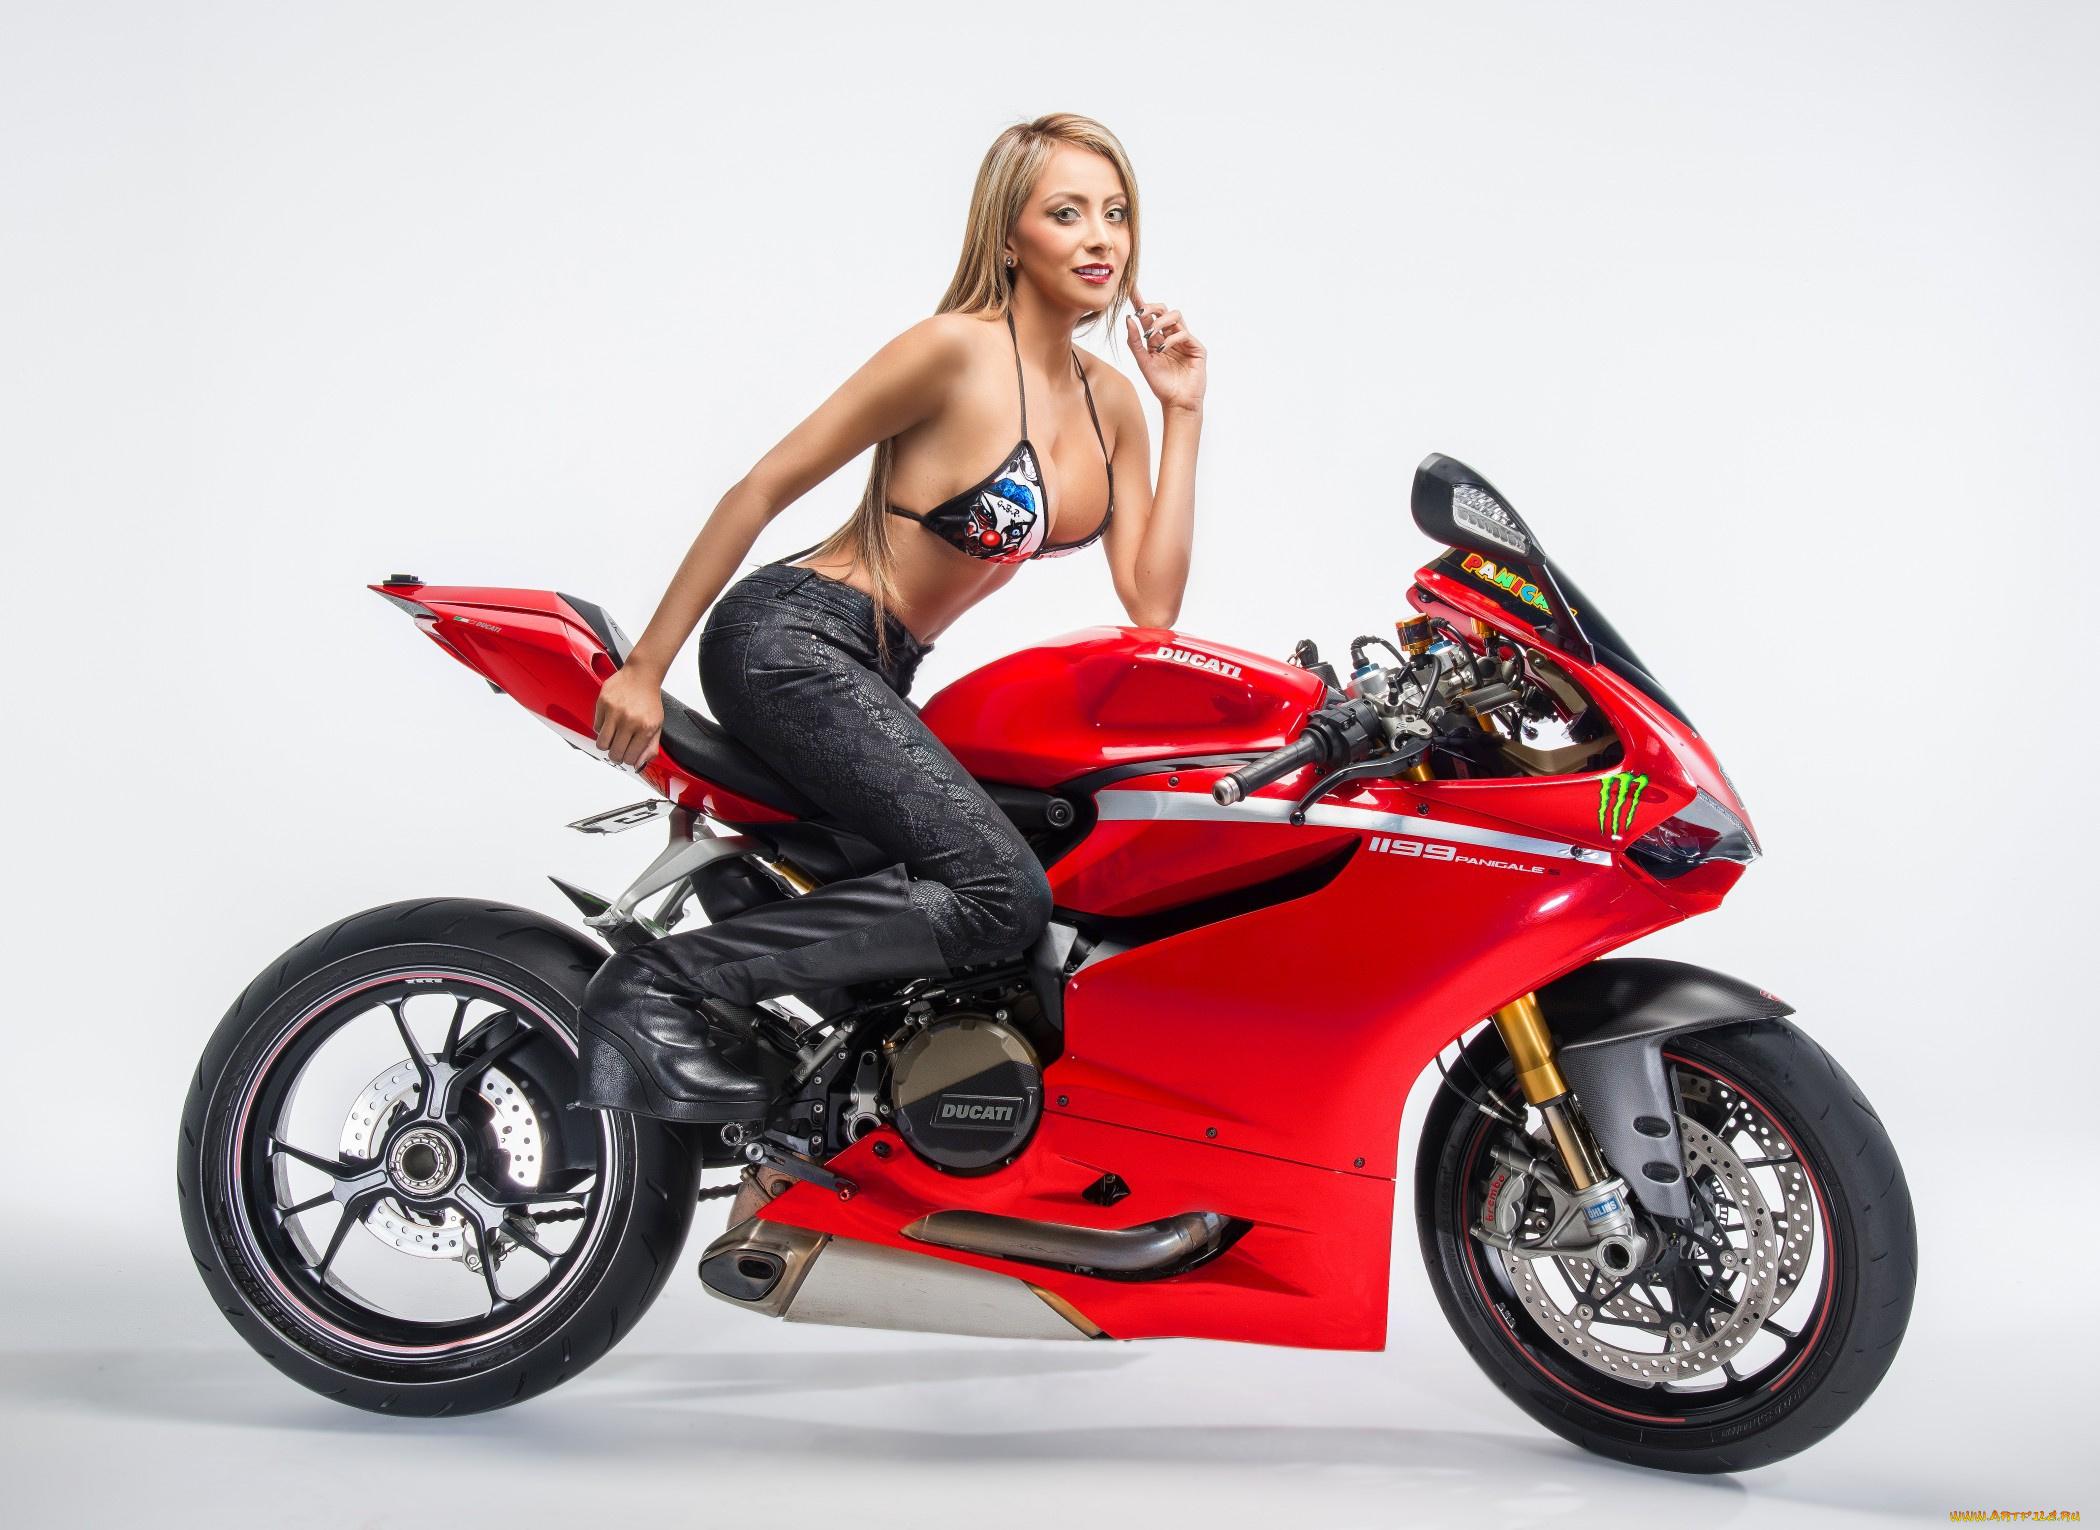 Открытки, открытки с девушками и мотоциклами